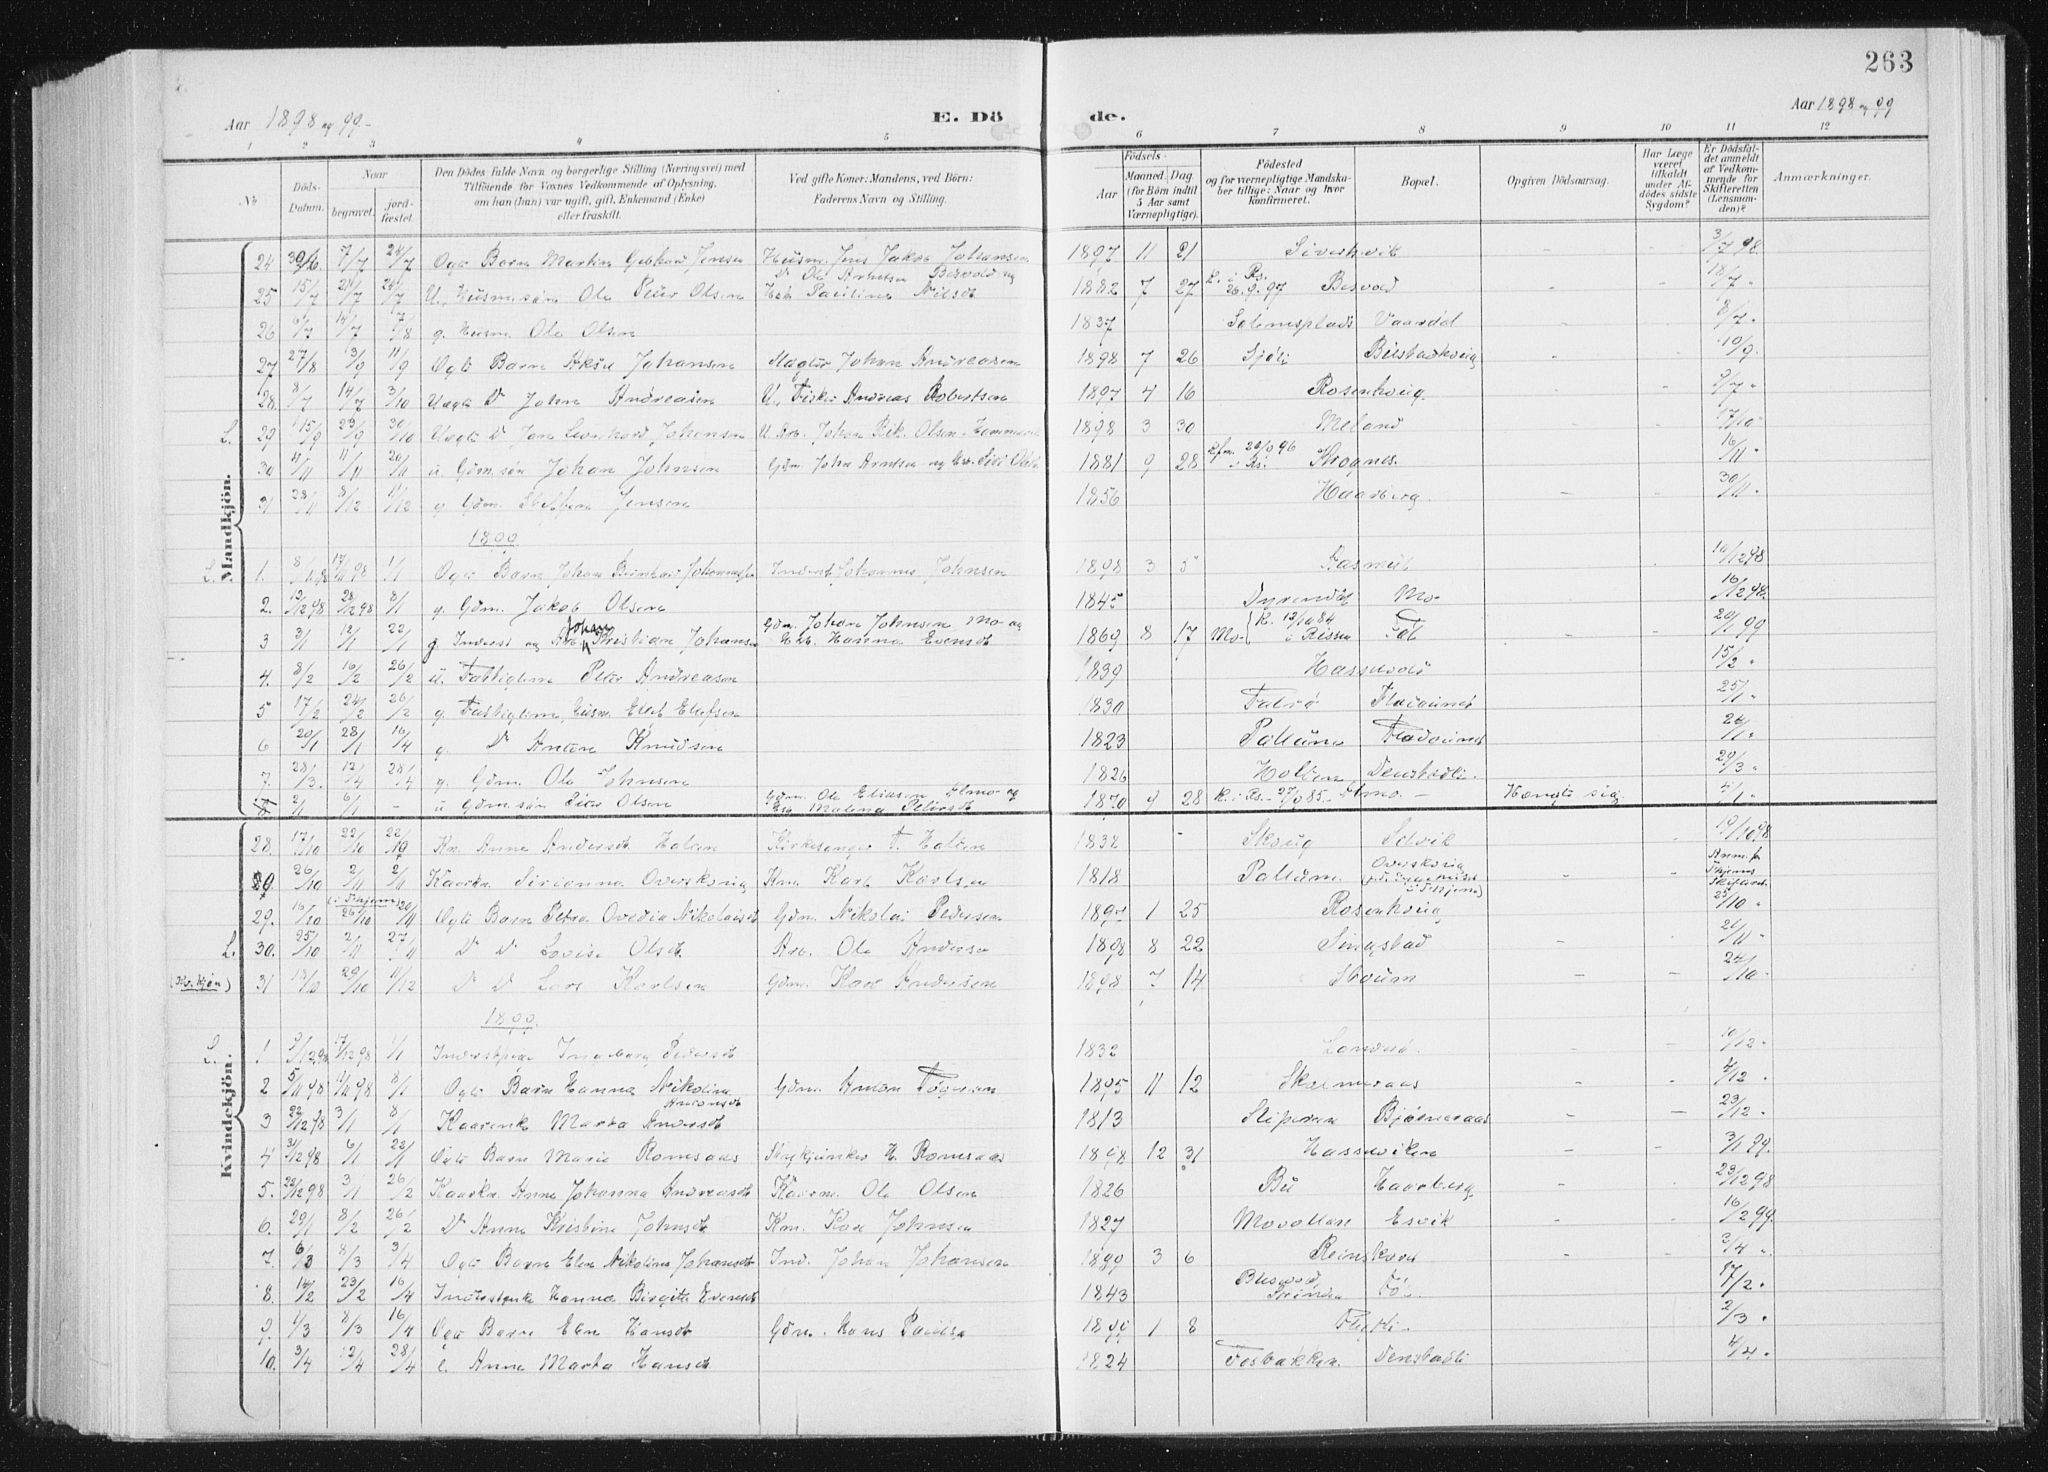 SAT, Ministerialprotokoller, klokkerbøker og fødselsregistre - Sør-Trøndelag, 647/L0635: Ministerialbok nr. 647A02, 1896-1911, s. 263